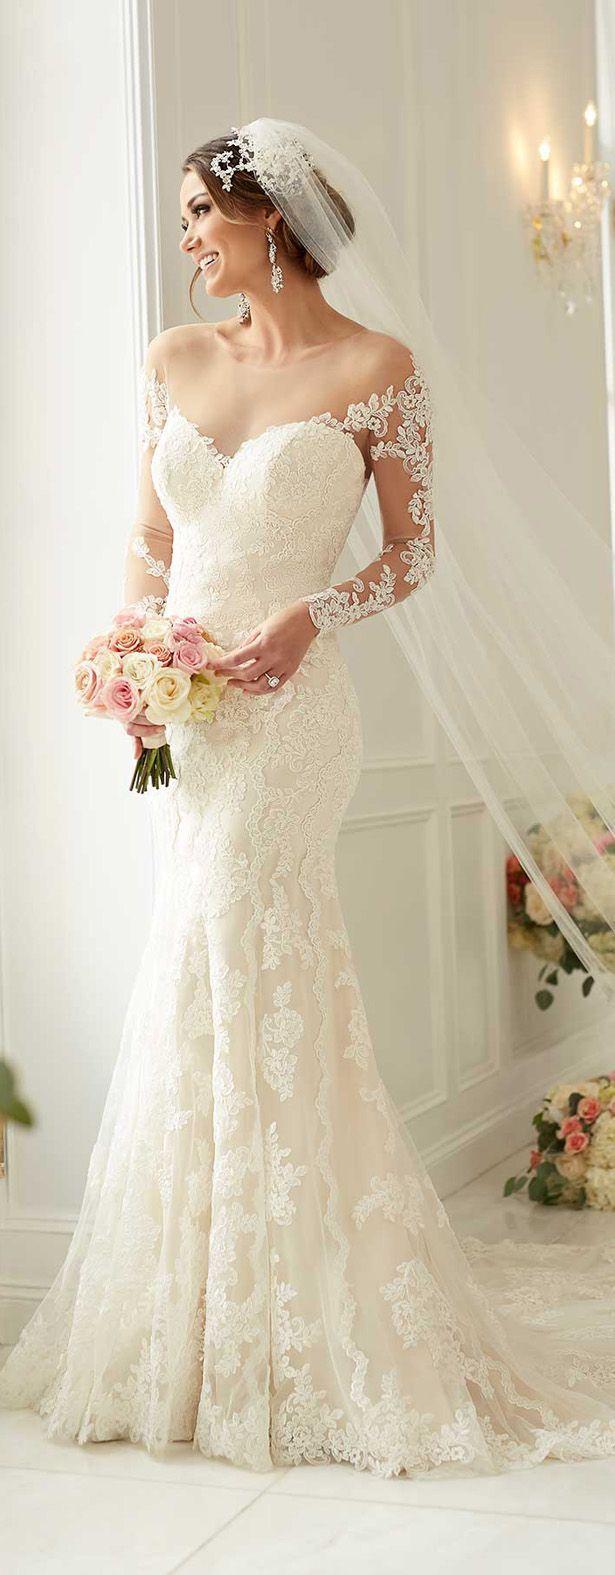 Wedding dress by ste nature love waterfallslove stella york